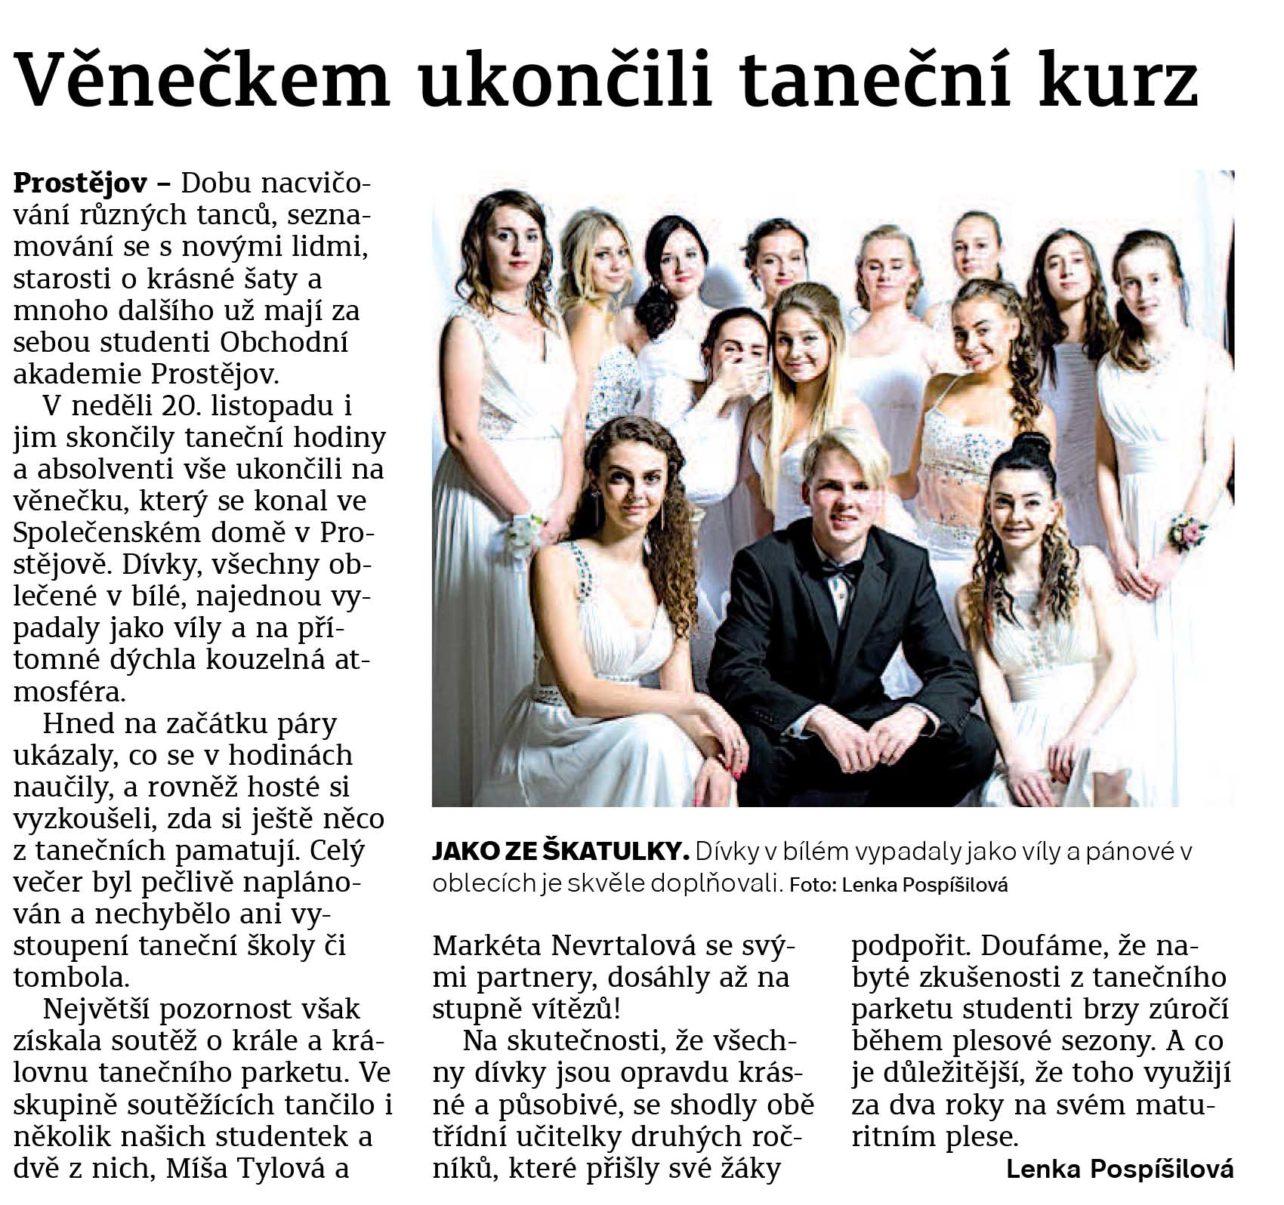 Článek o Závěrečném věnečku tanečních Obchodní akademie střední škola Prostějov